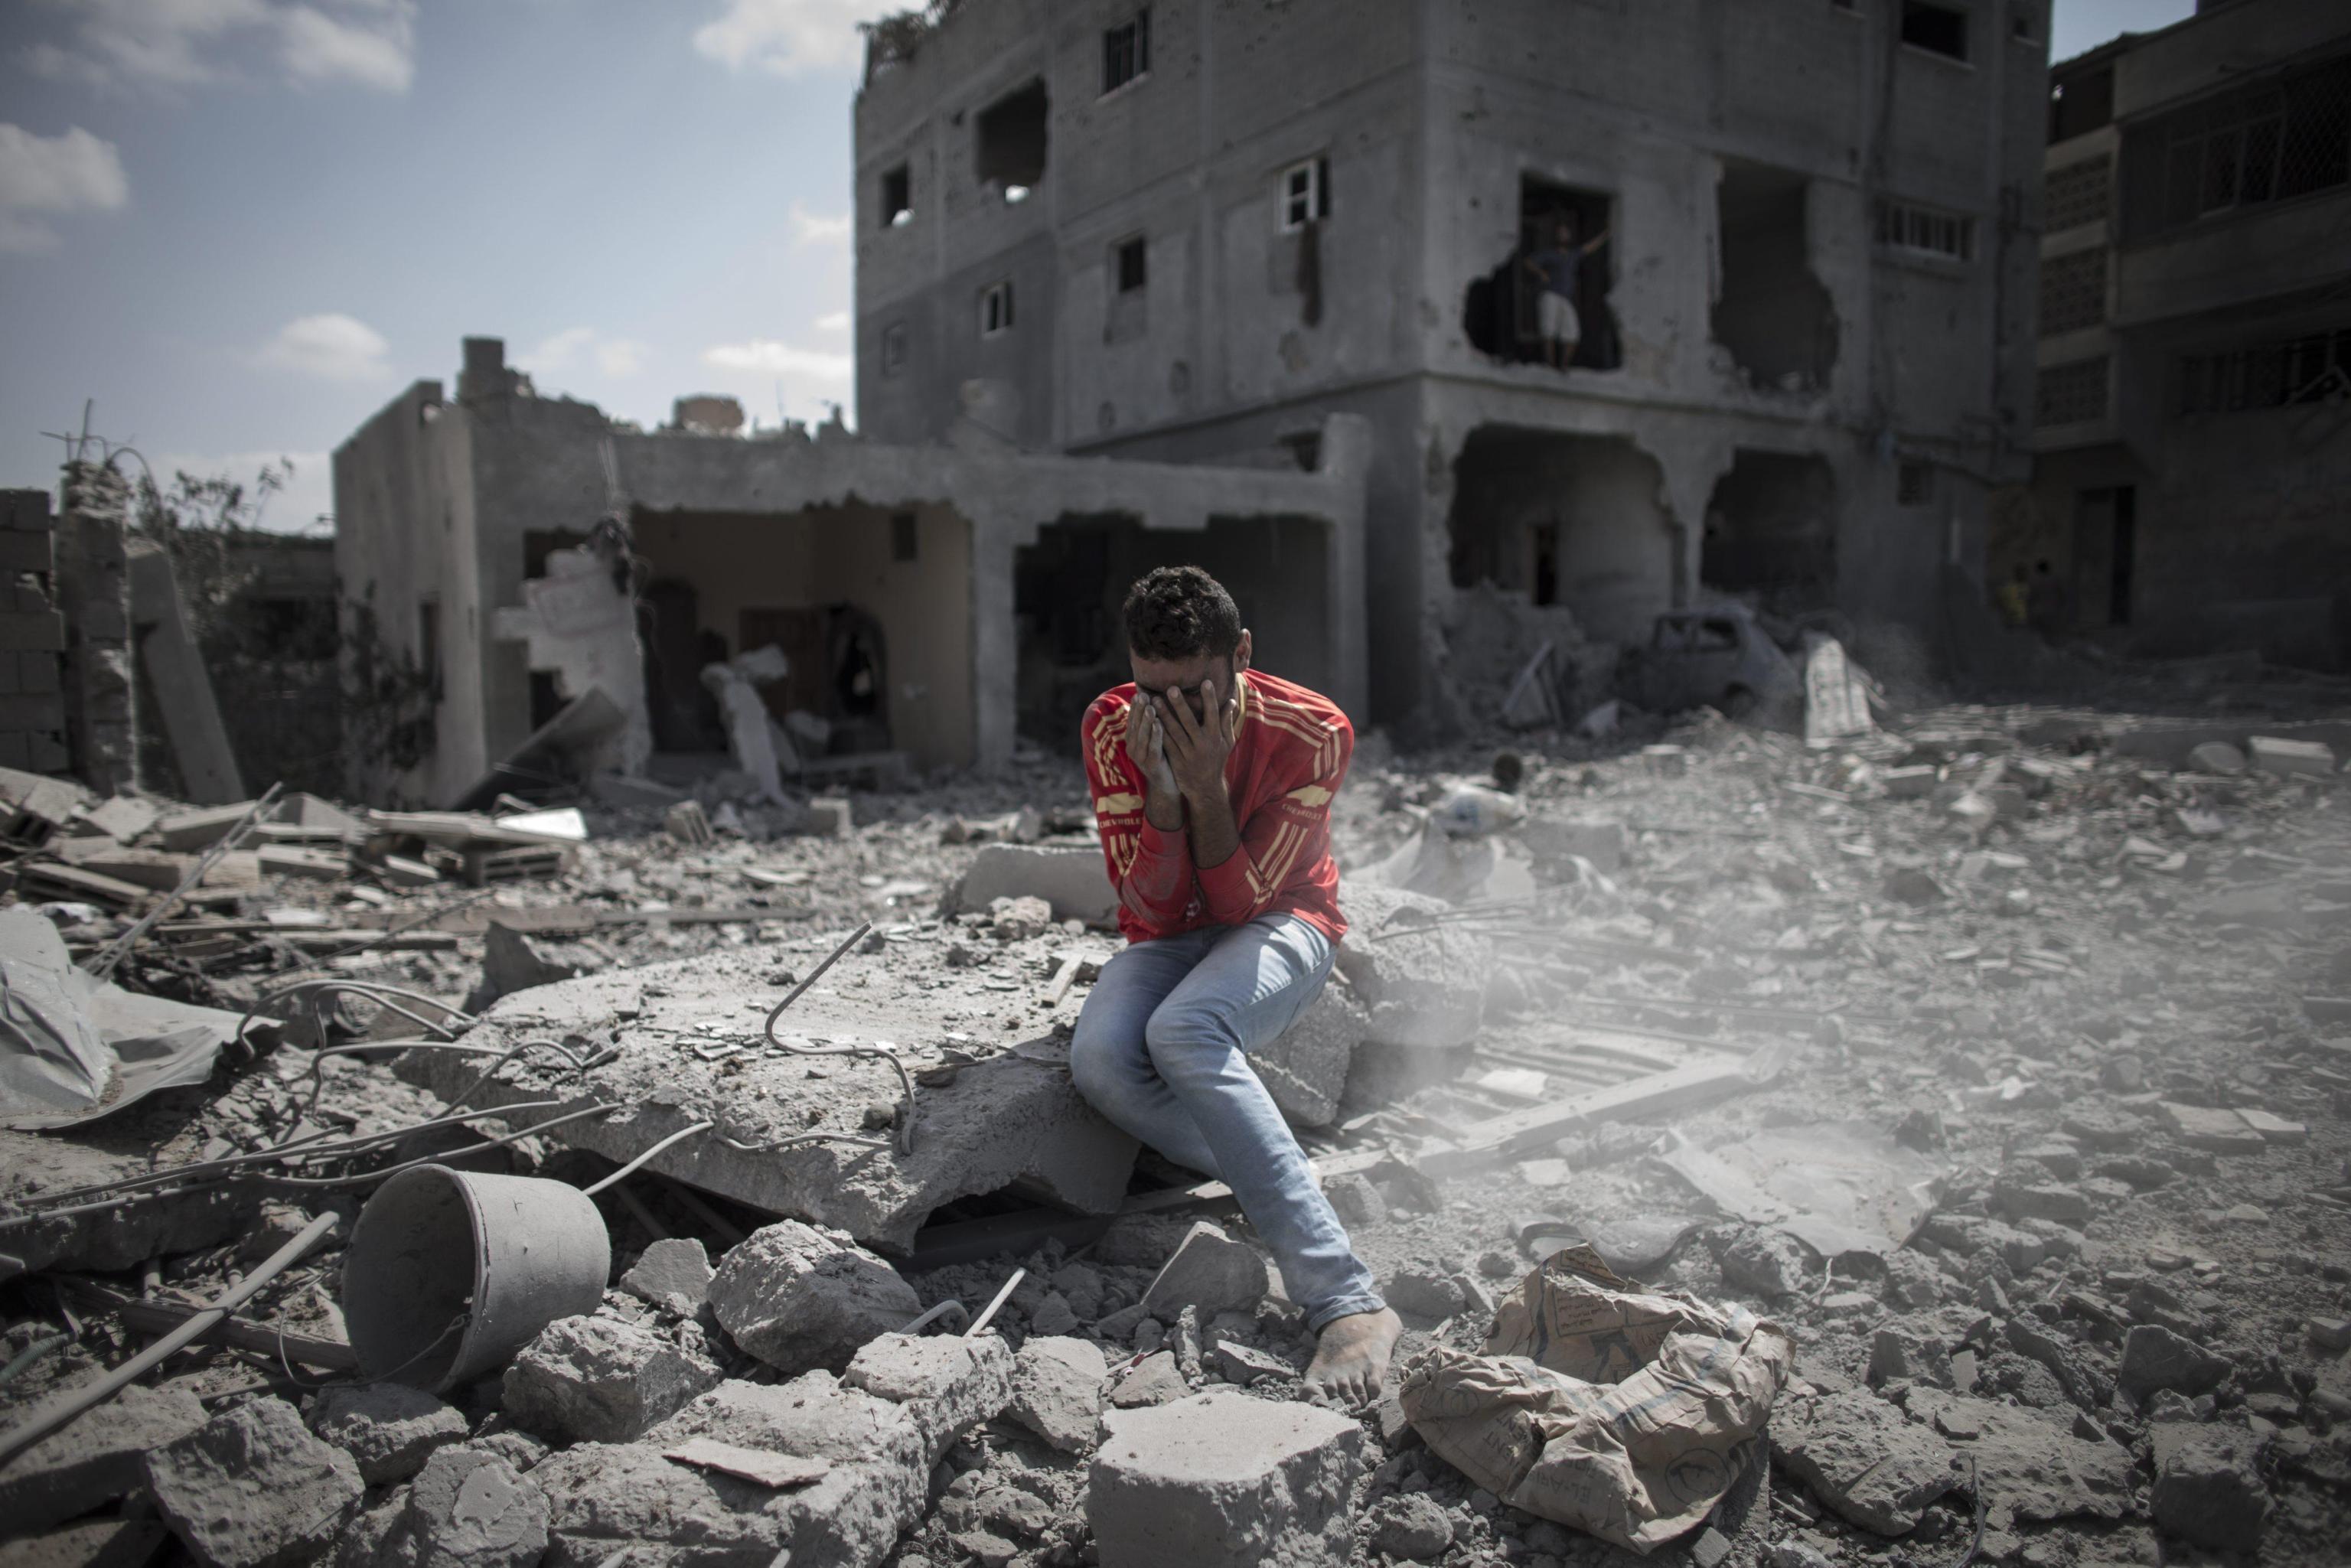 Картинки с последствиями войн